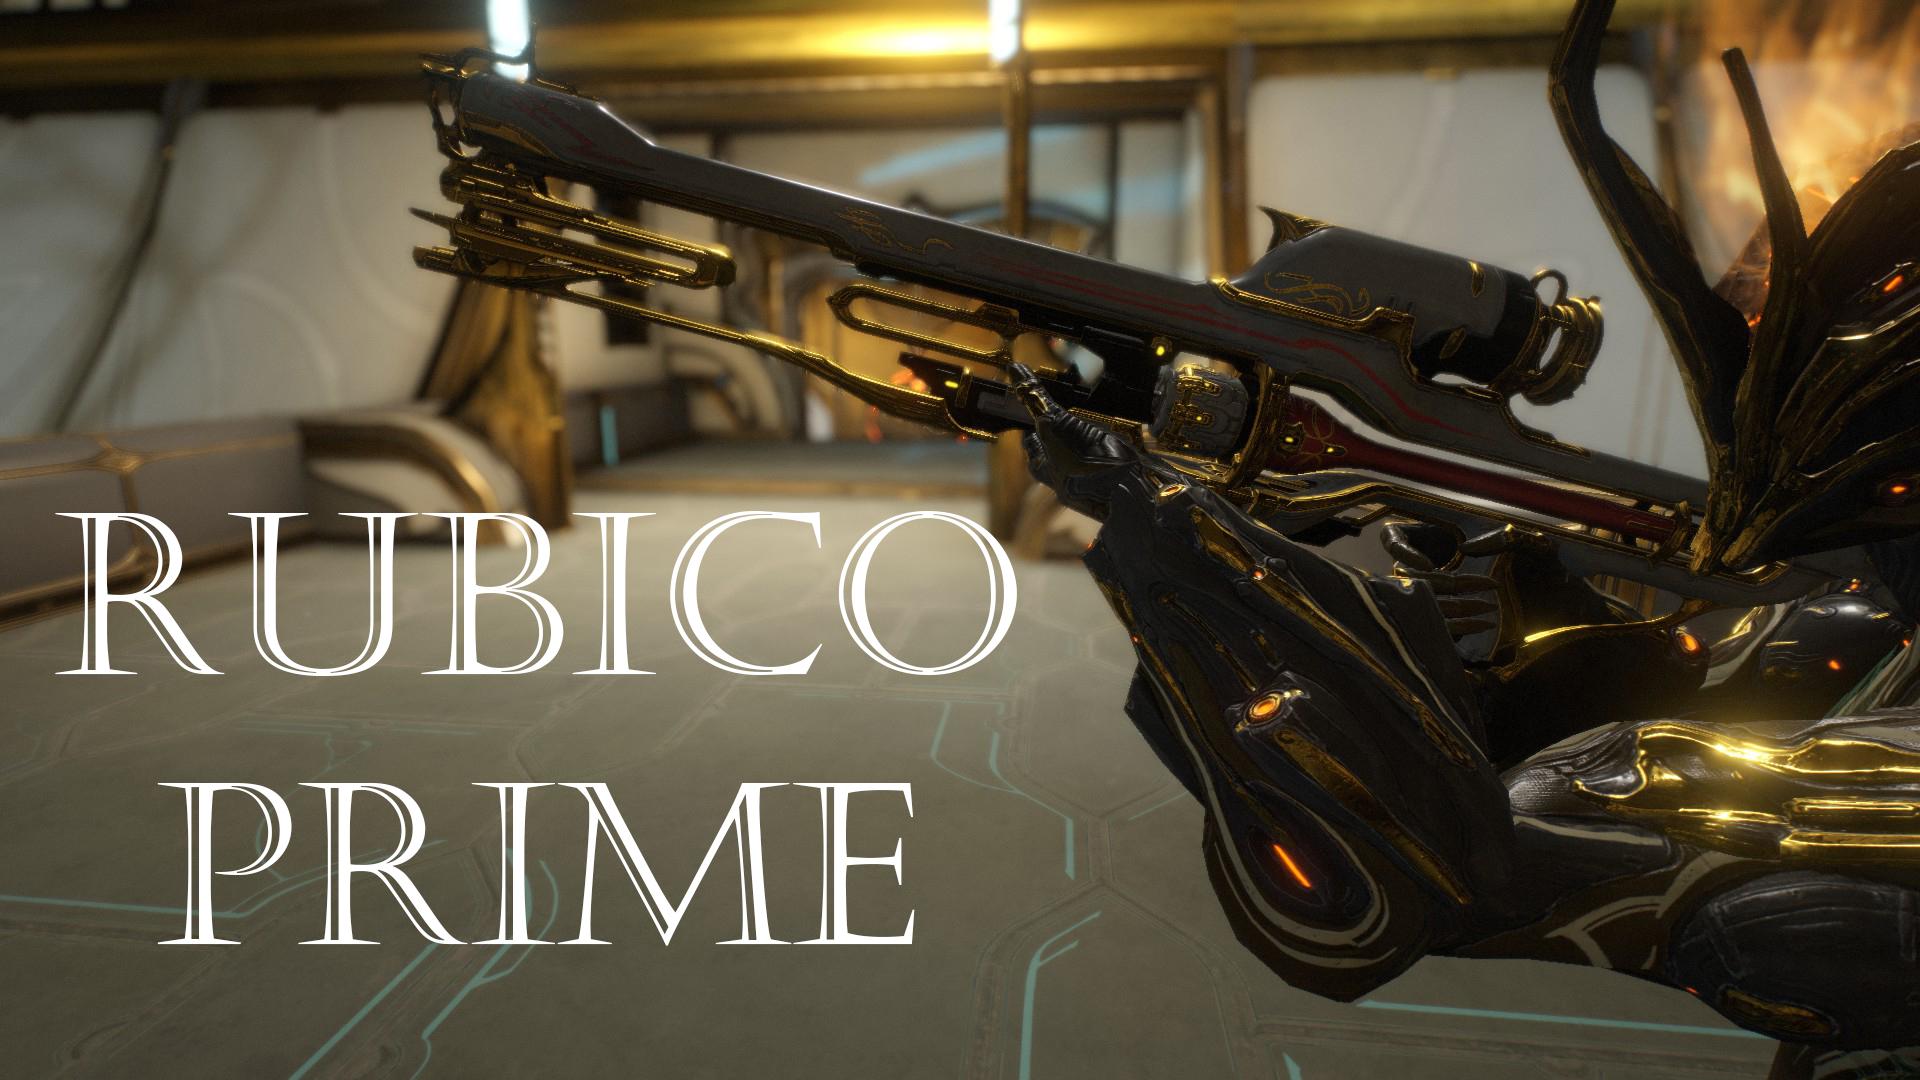 Rubico Prime